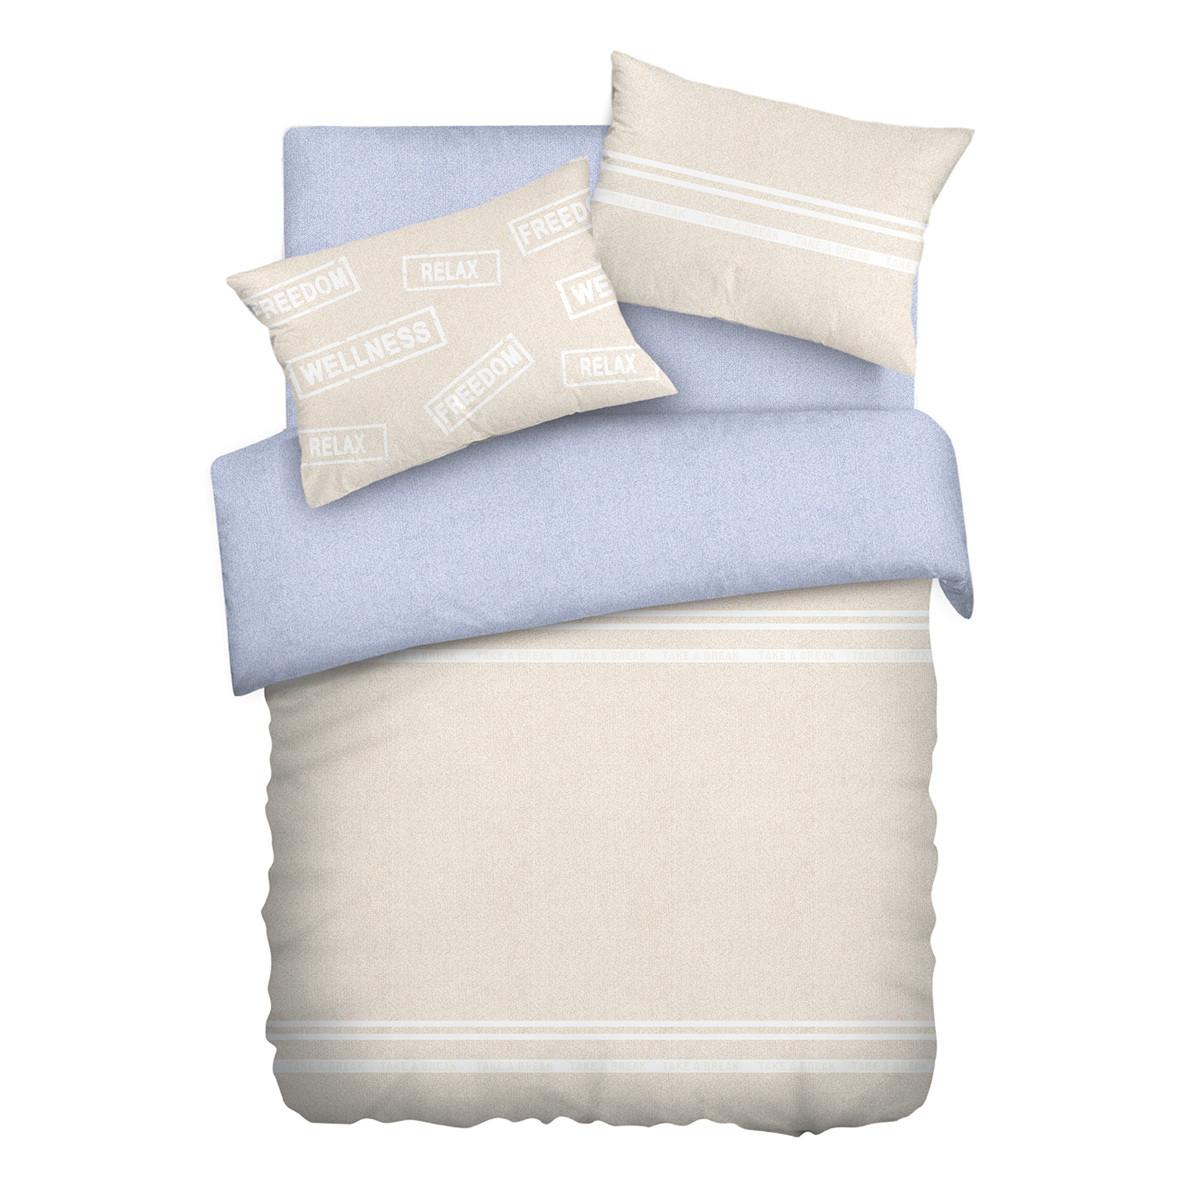 Wenge Комплект постельного белья Sandy-lavender, WENGE  1.5 спальный